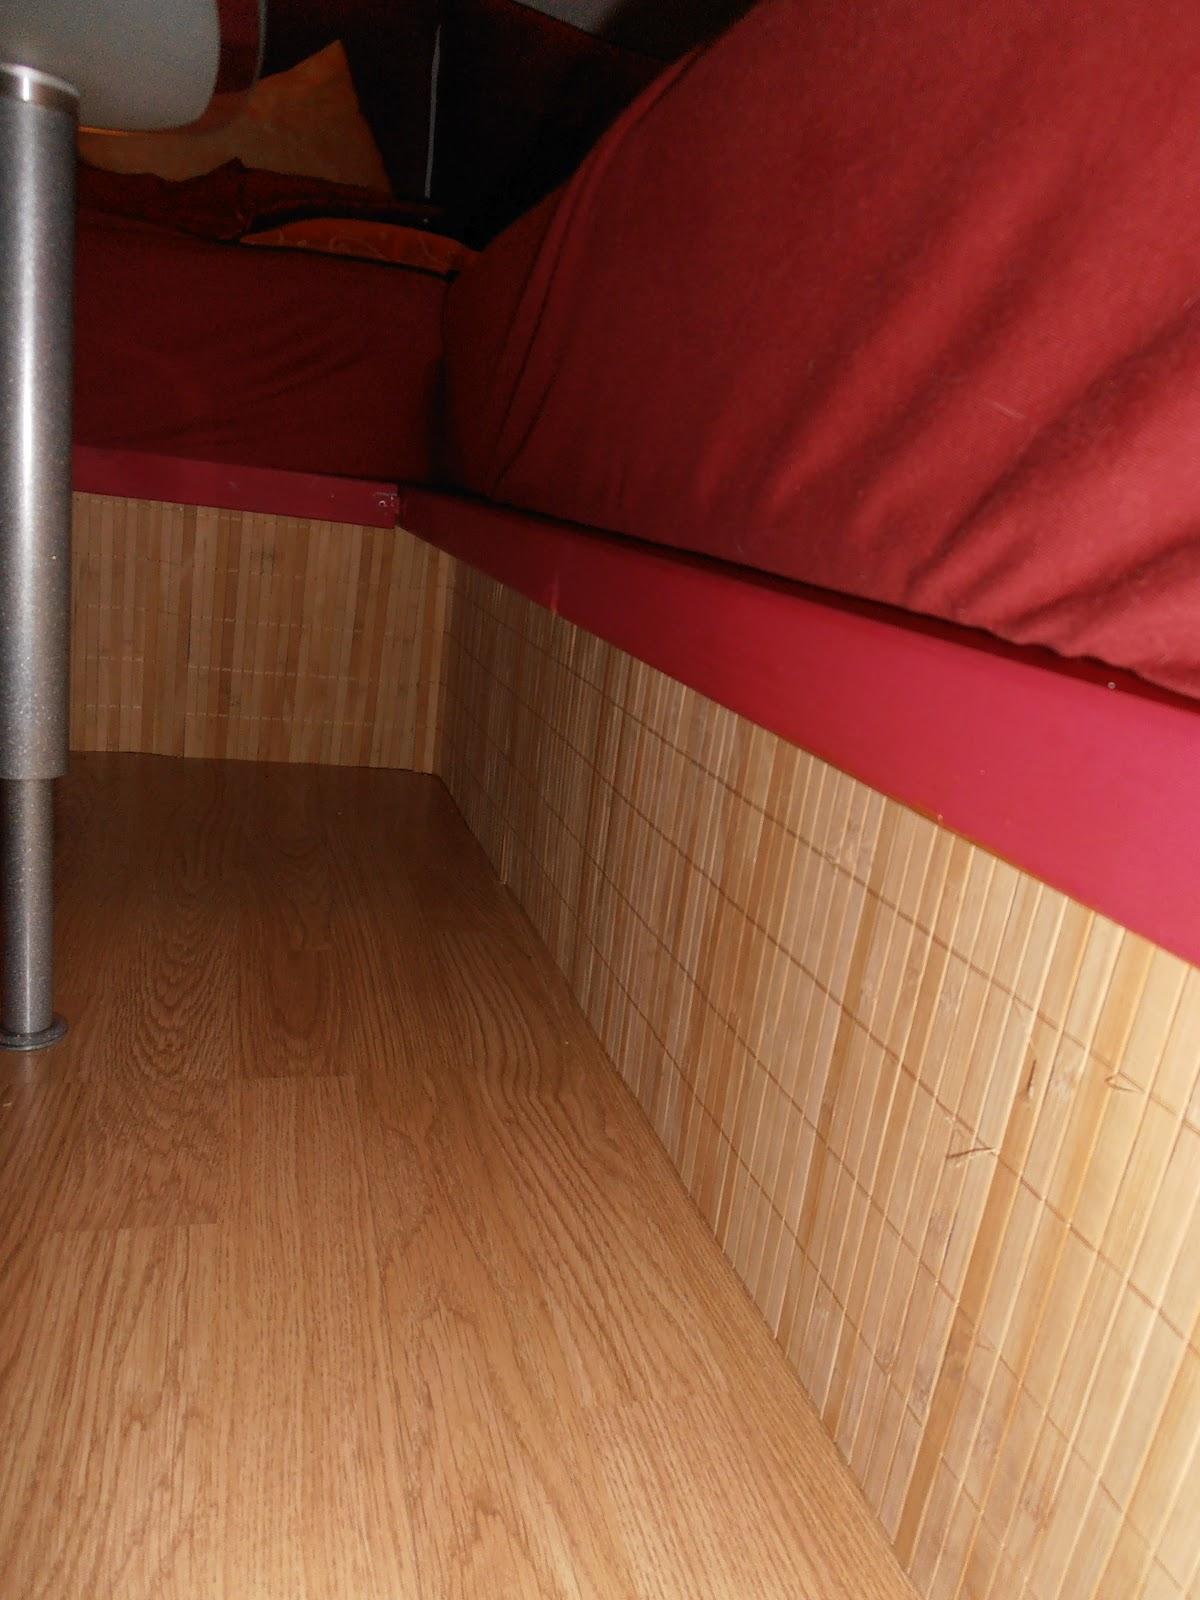 http://4.bp.blogspot.com/-VUVrHng1Ofg/Tz-so56mqkI/AAAAAAAAARQ/AJWT9AP3-0w/s1600/Bambus+Couch.jpg